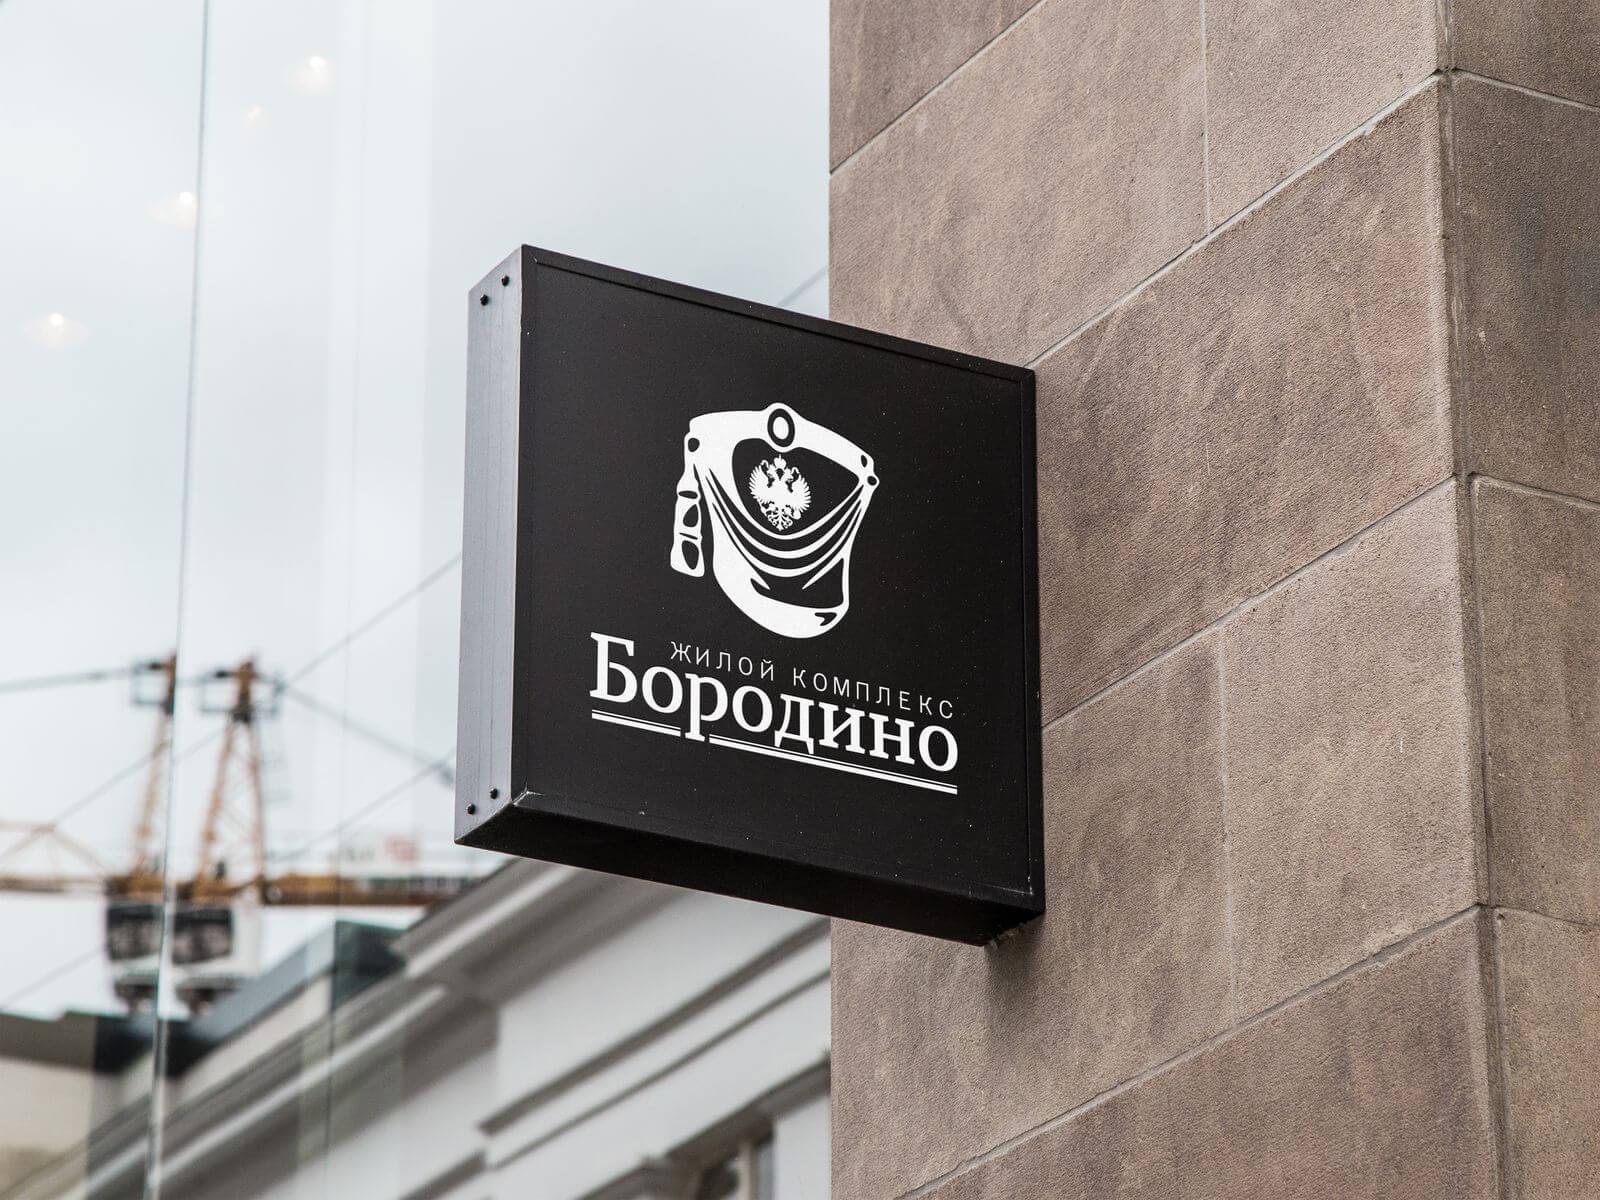 Увеличение бюджета рекламной кампании ЖК Бородино | Студия Ракета